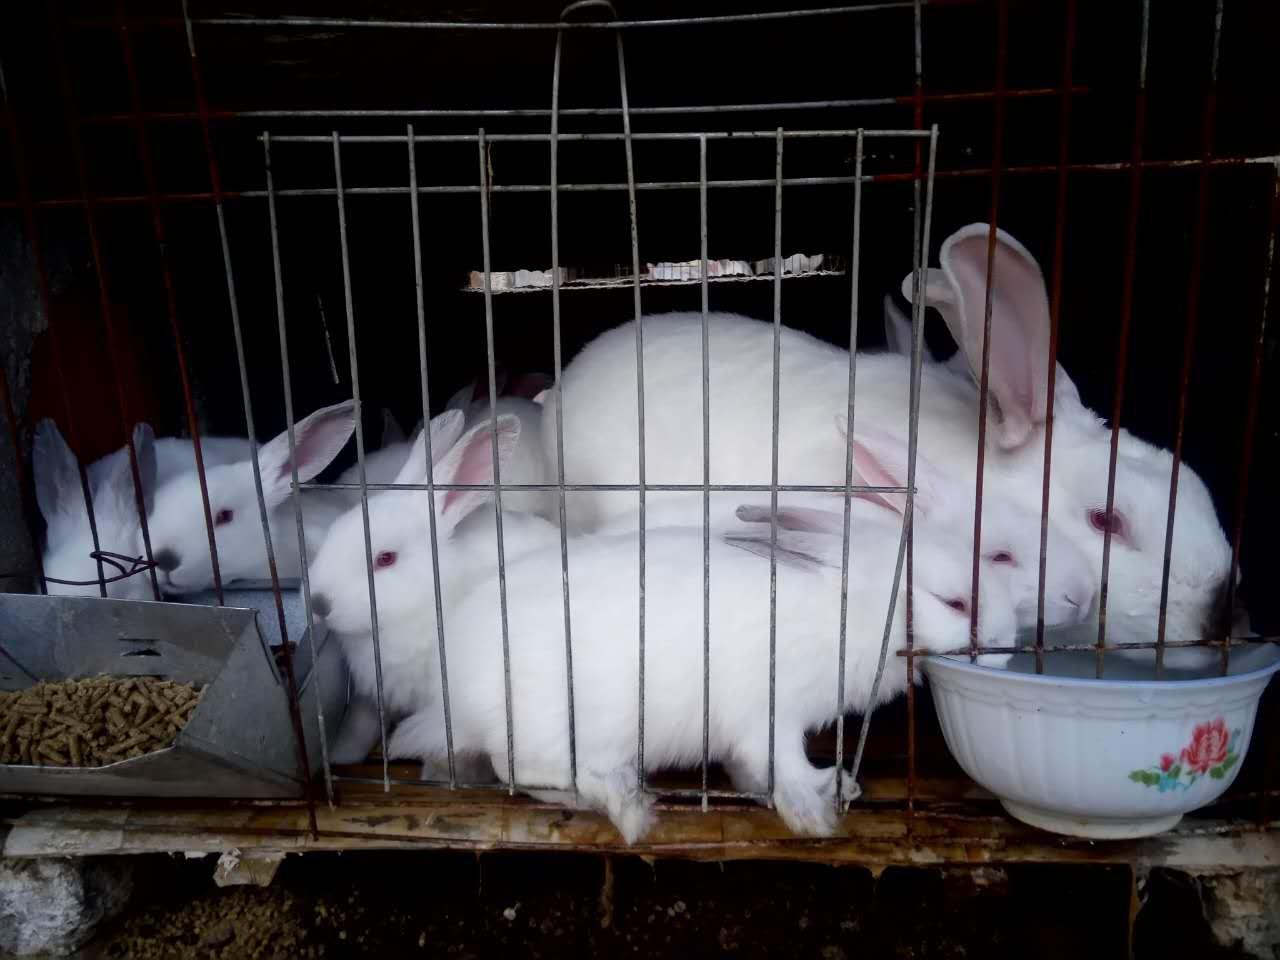 山东獭兔养殖技术培训福地【有多年的獭兔养殖经验】